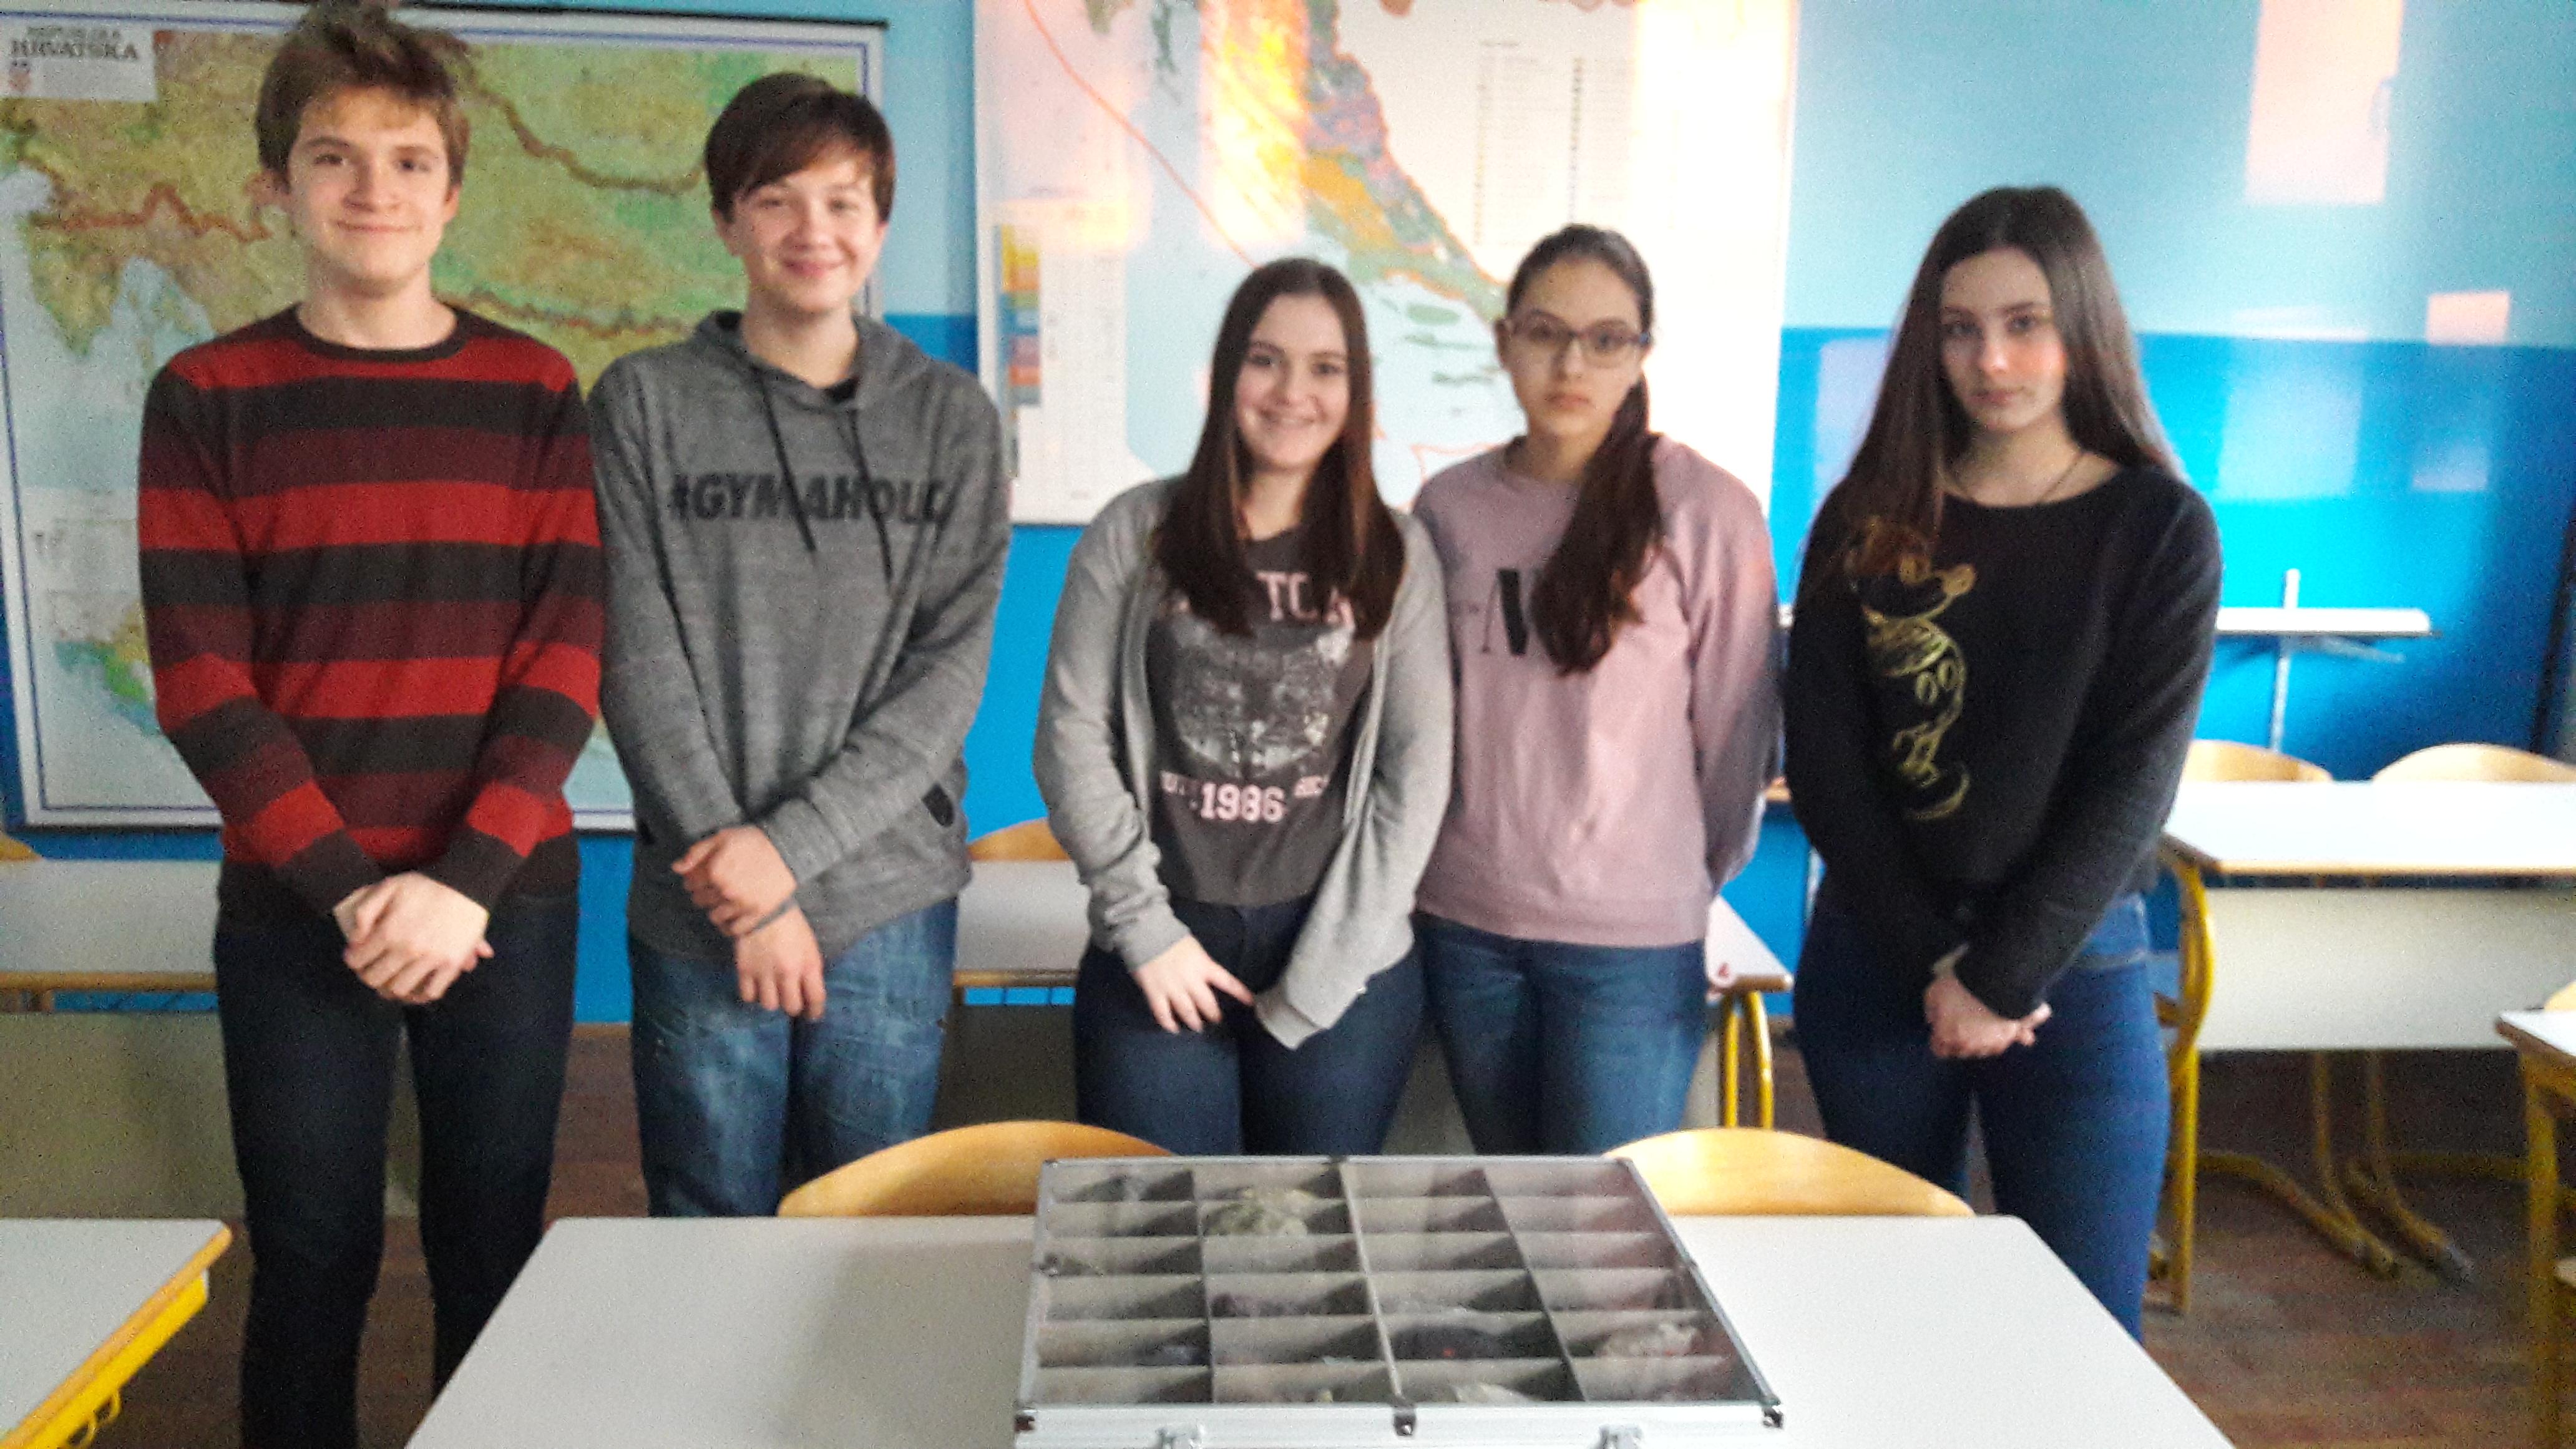 Učenici - predstavnici svojih škola